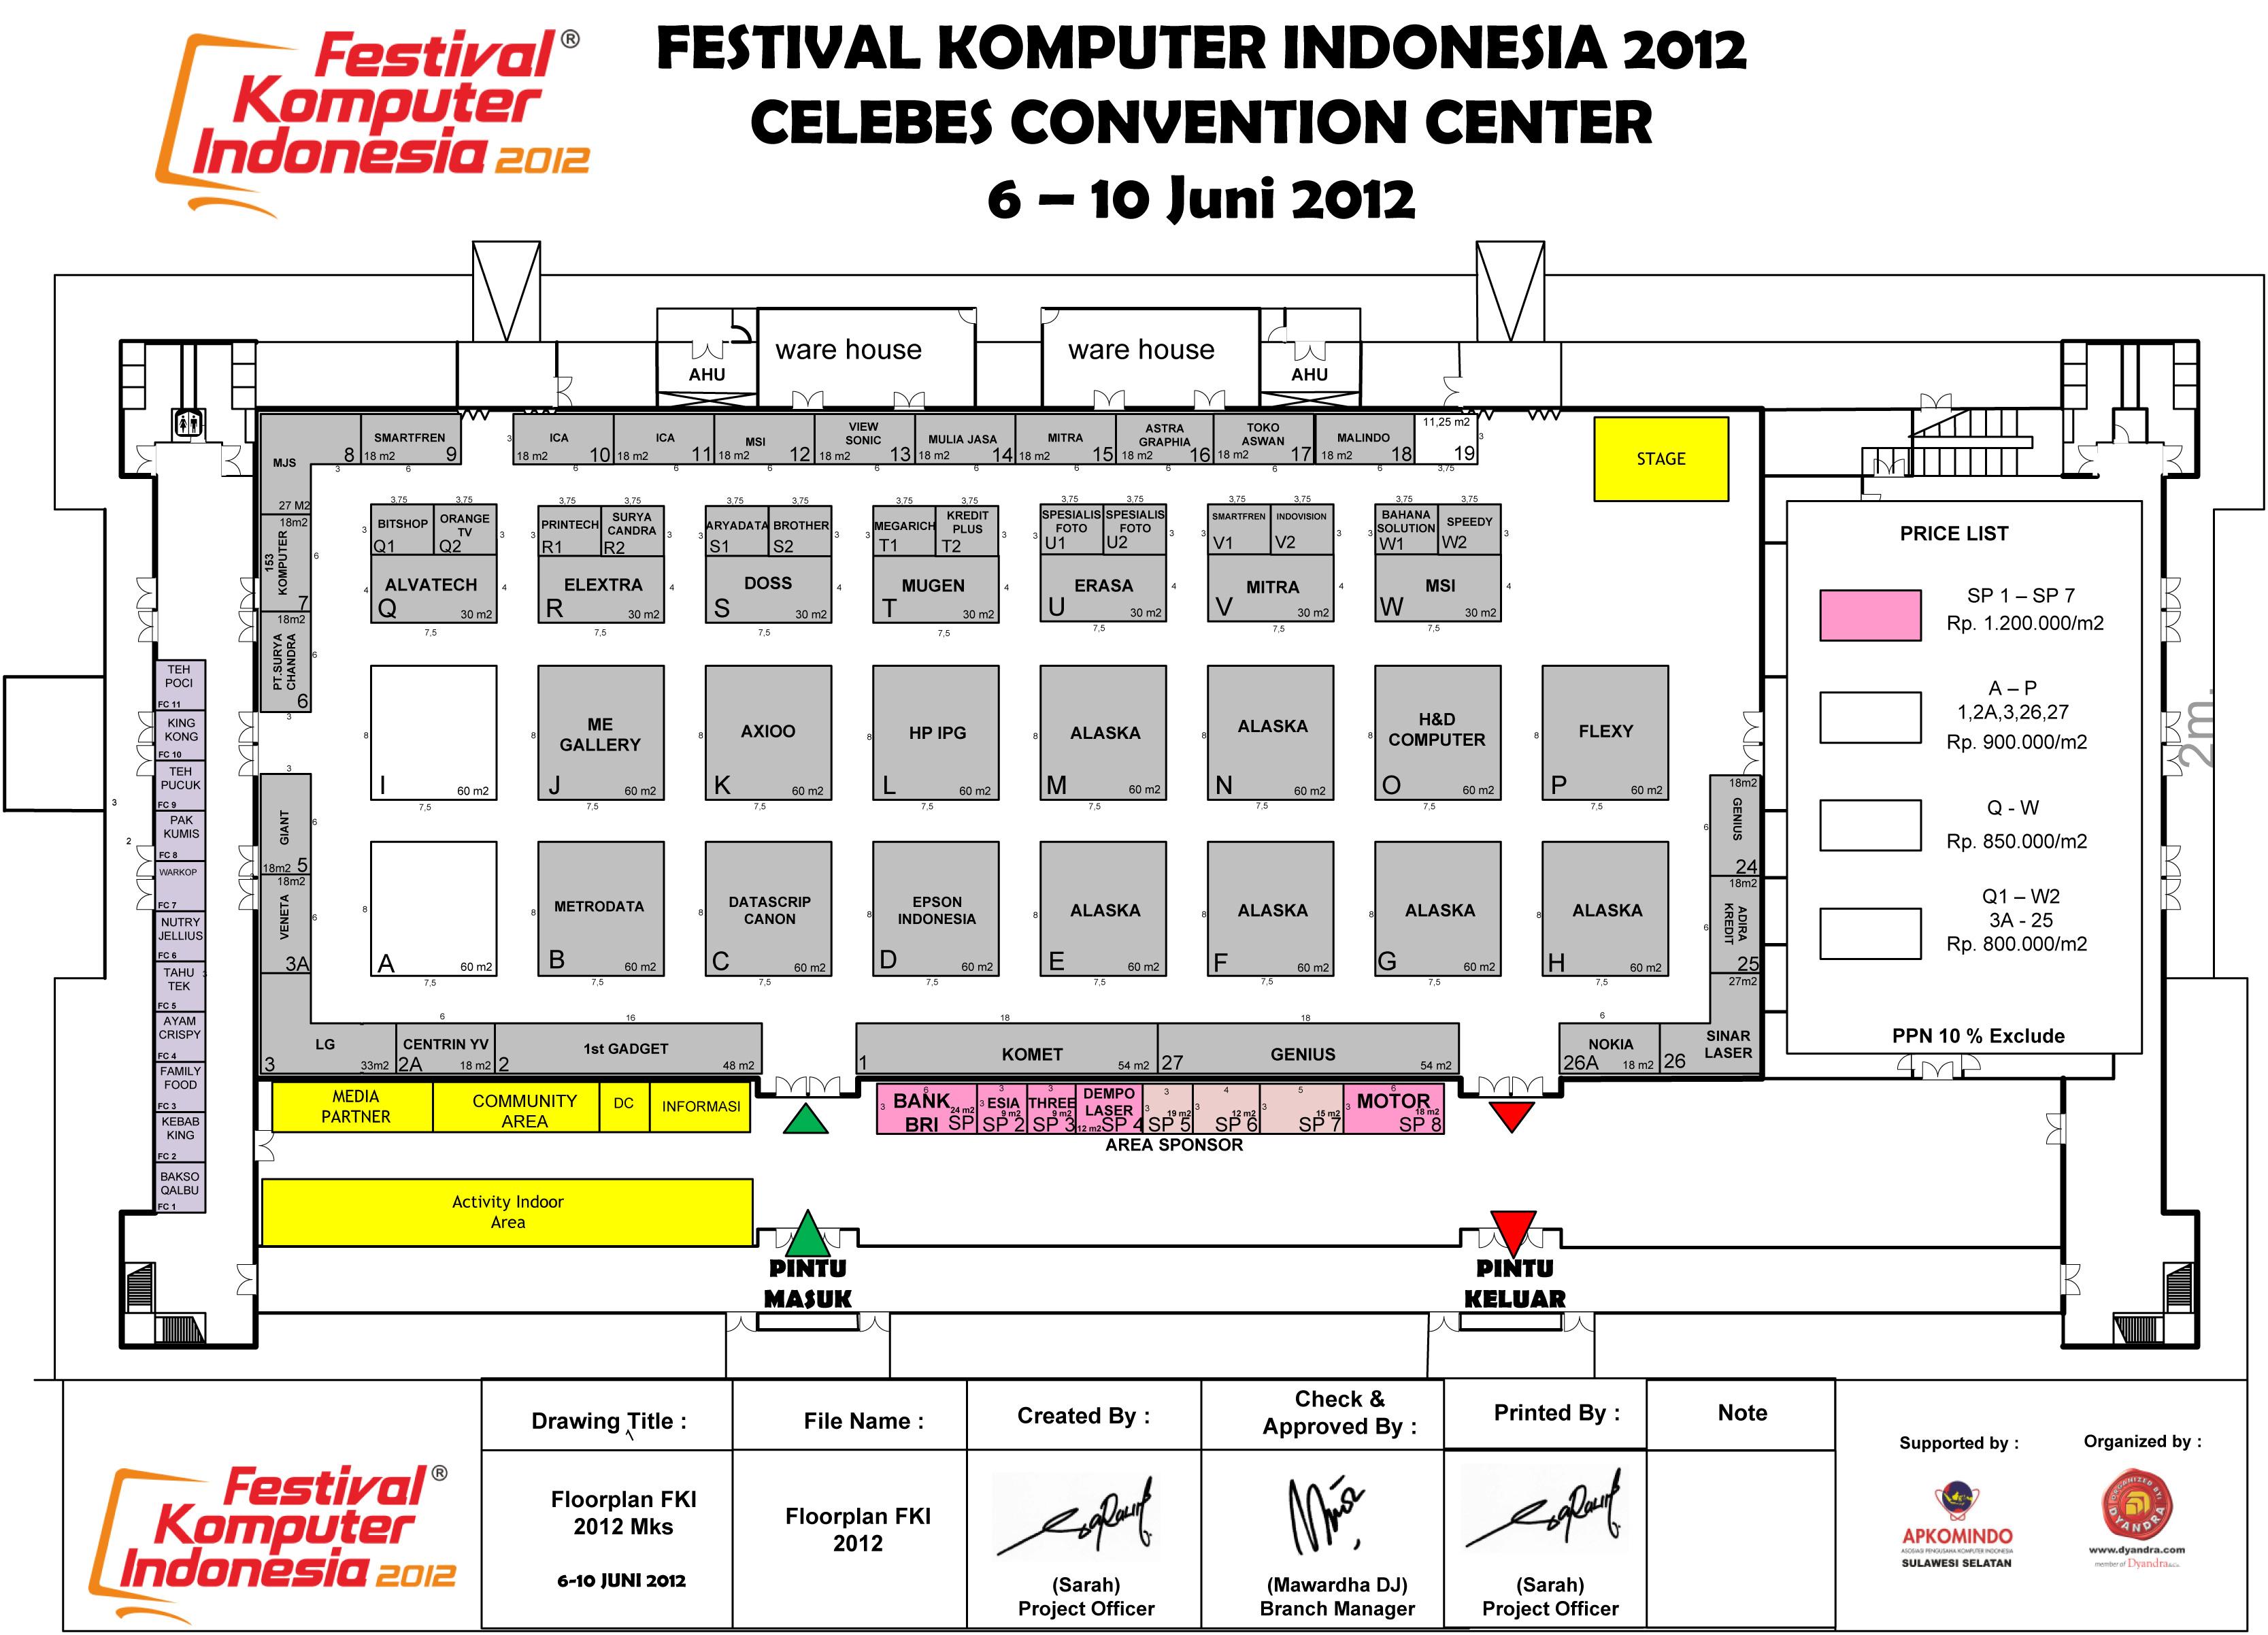 Floorplan Festival Komputer Indonesia FKI 2012